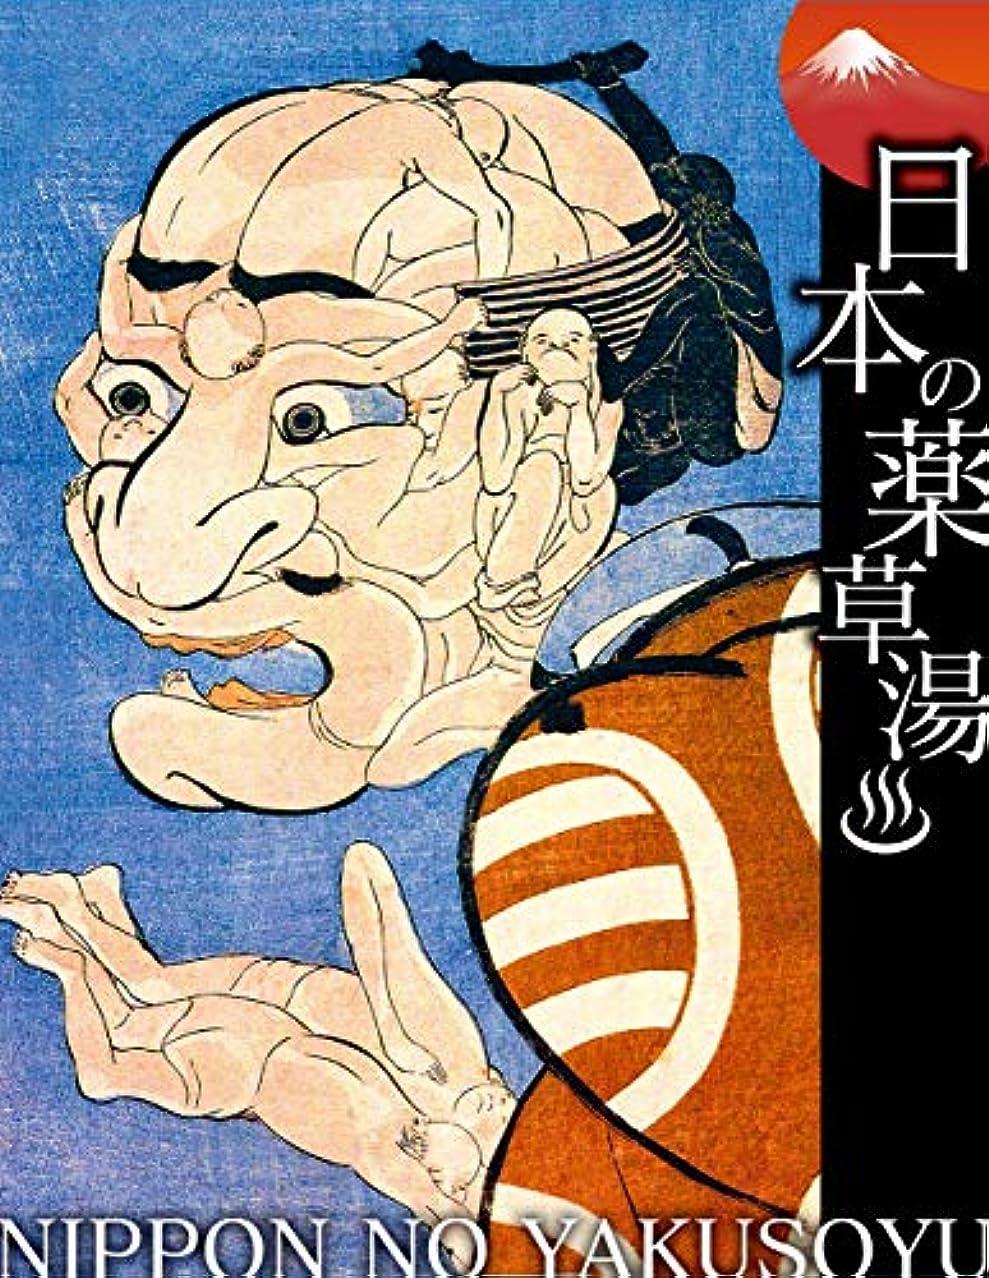 寛大な通信する不承認日本の薬草湯 みかけハこハゐがとんだいゝ人だ